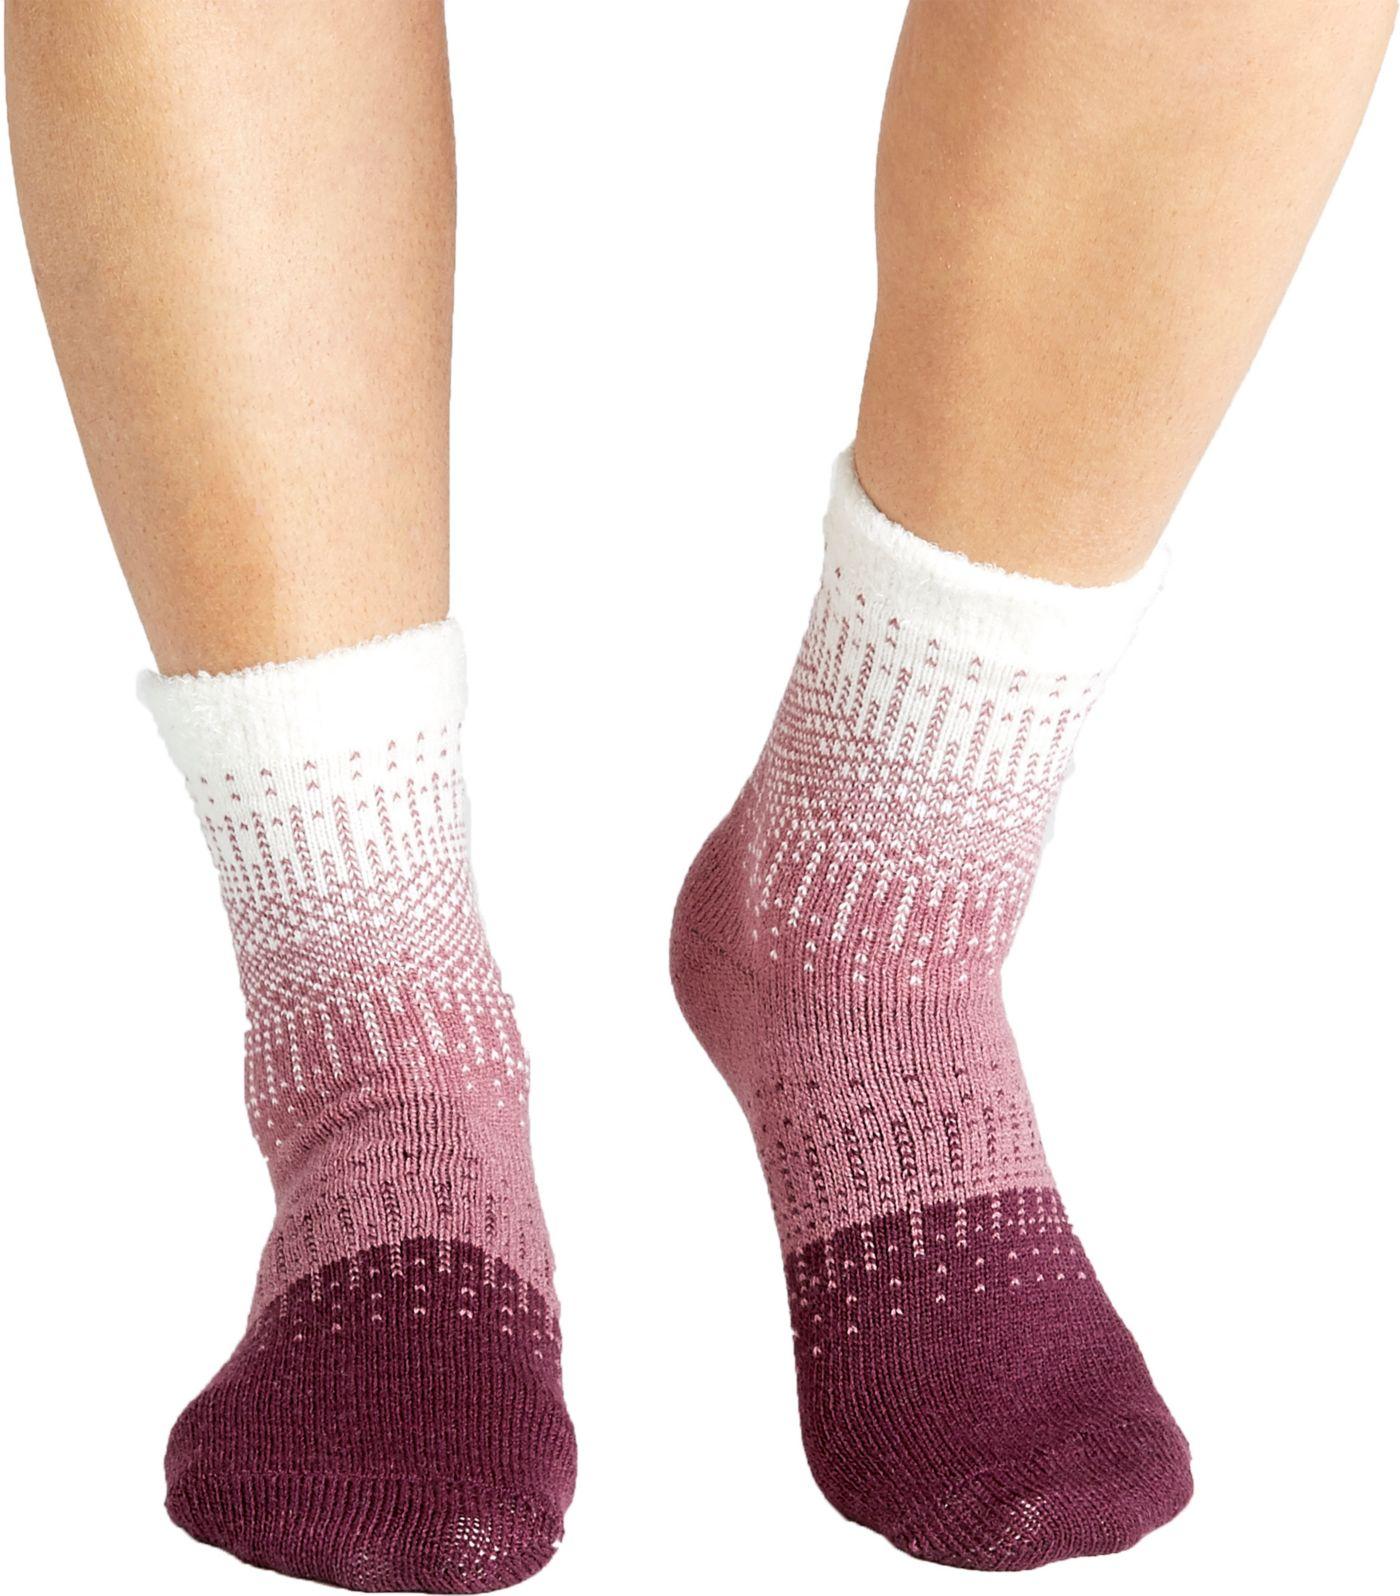 Field & Stream Women's Knit Pattern Ombre Cozy Cabin Crew Socks